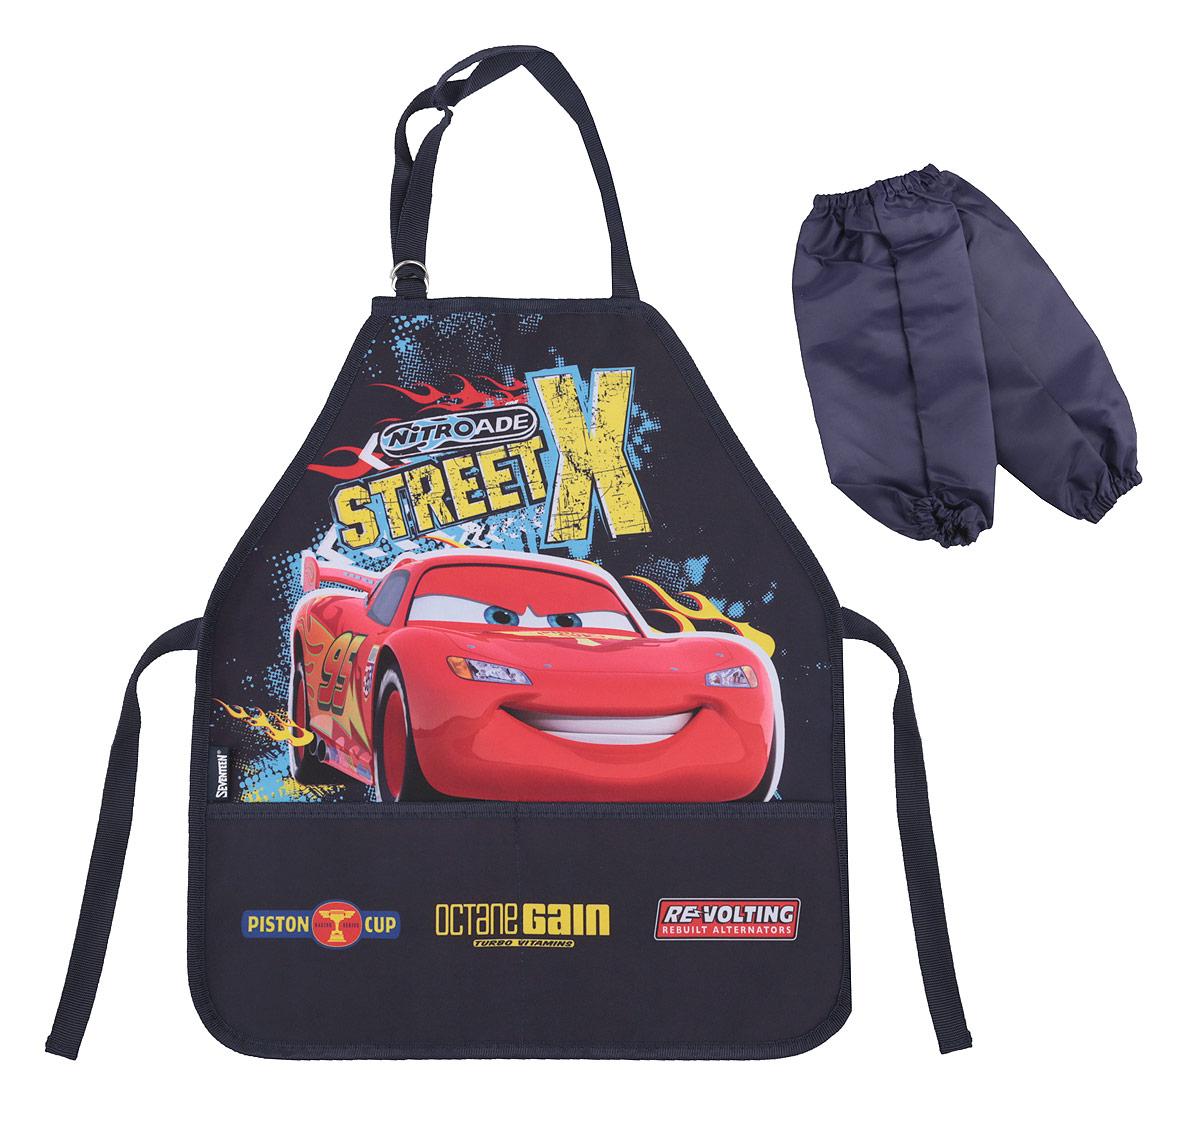 Купить Фартук для труда Cars , с нарукавниками, цвет: темно-синий, красный, Аксессуары для труда